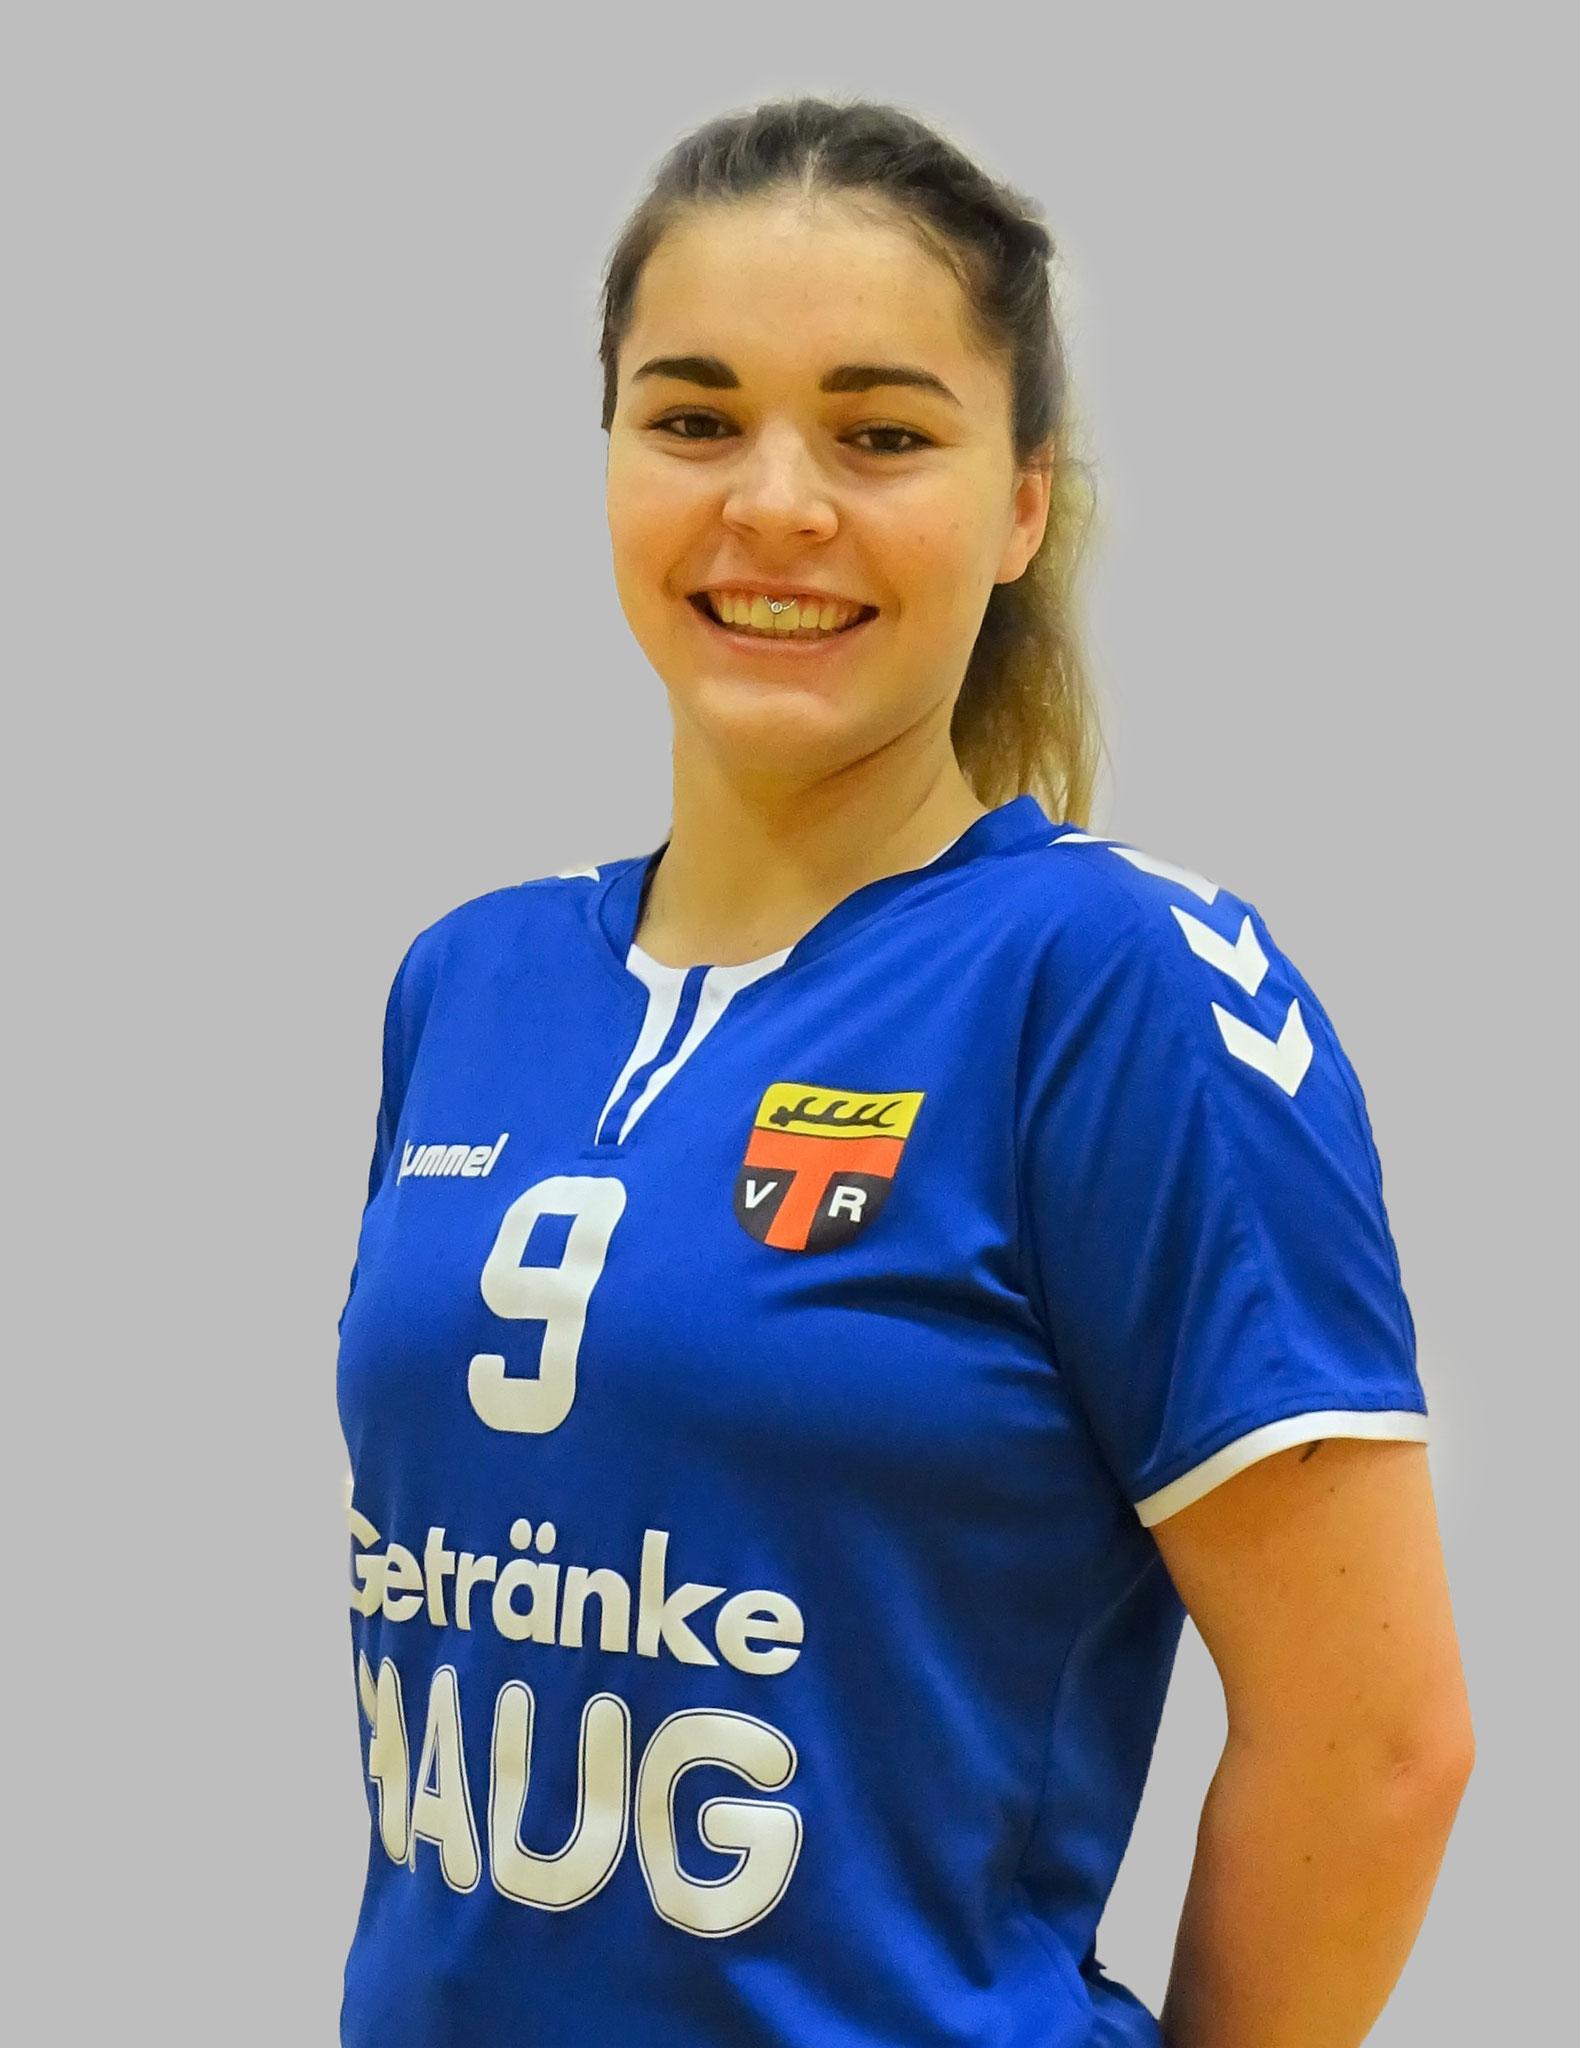 Emma Derad